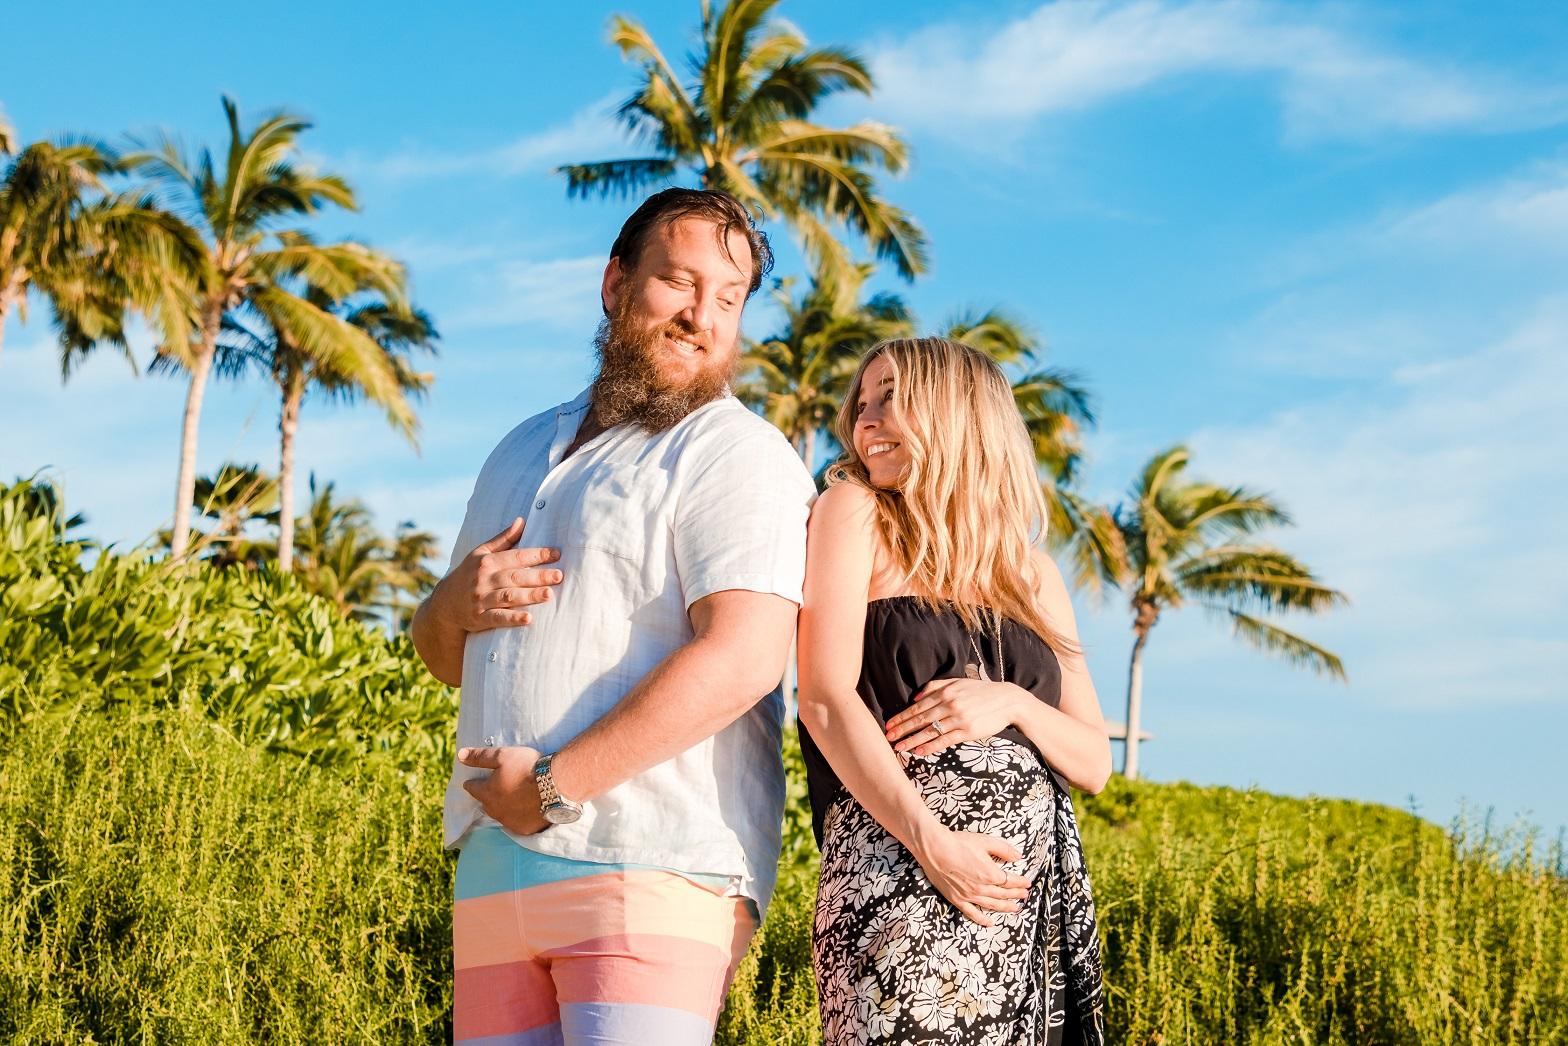 oahu family maternity beach portrait palm trees hawaii